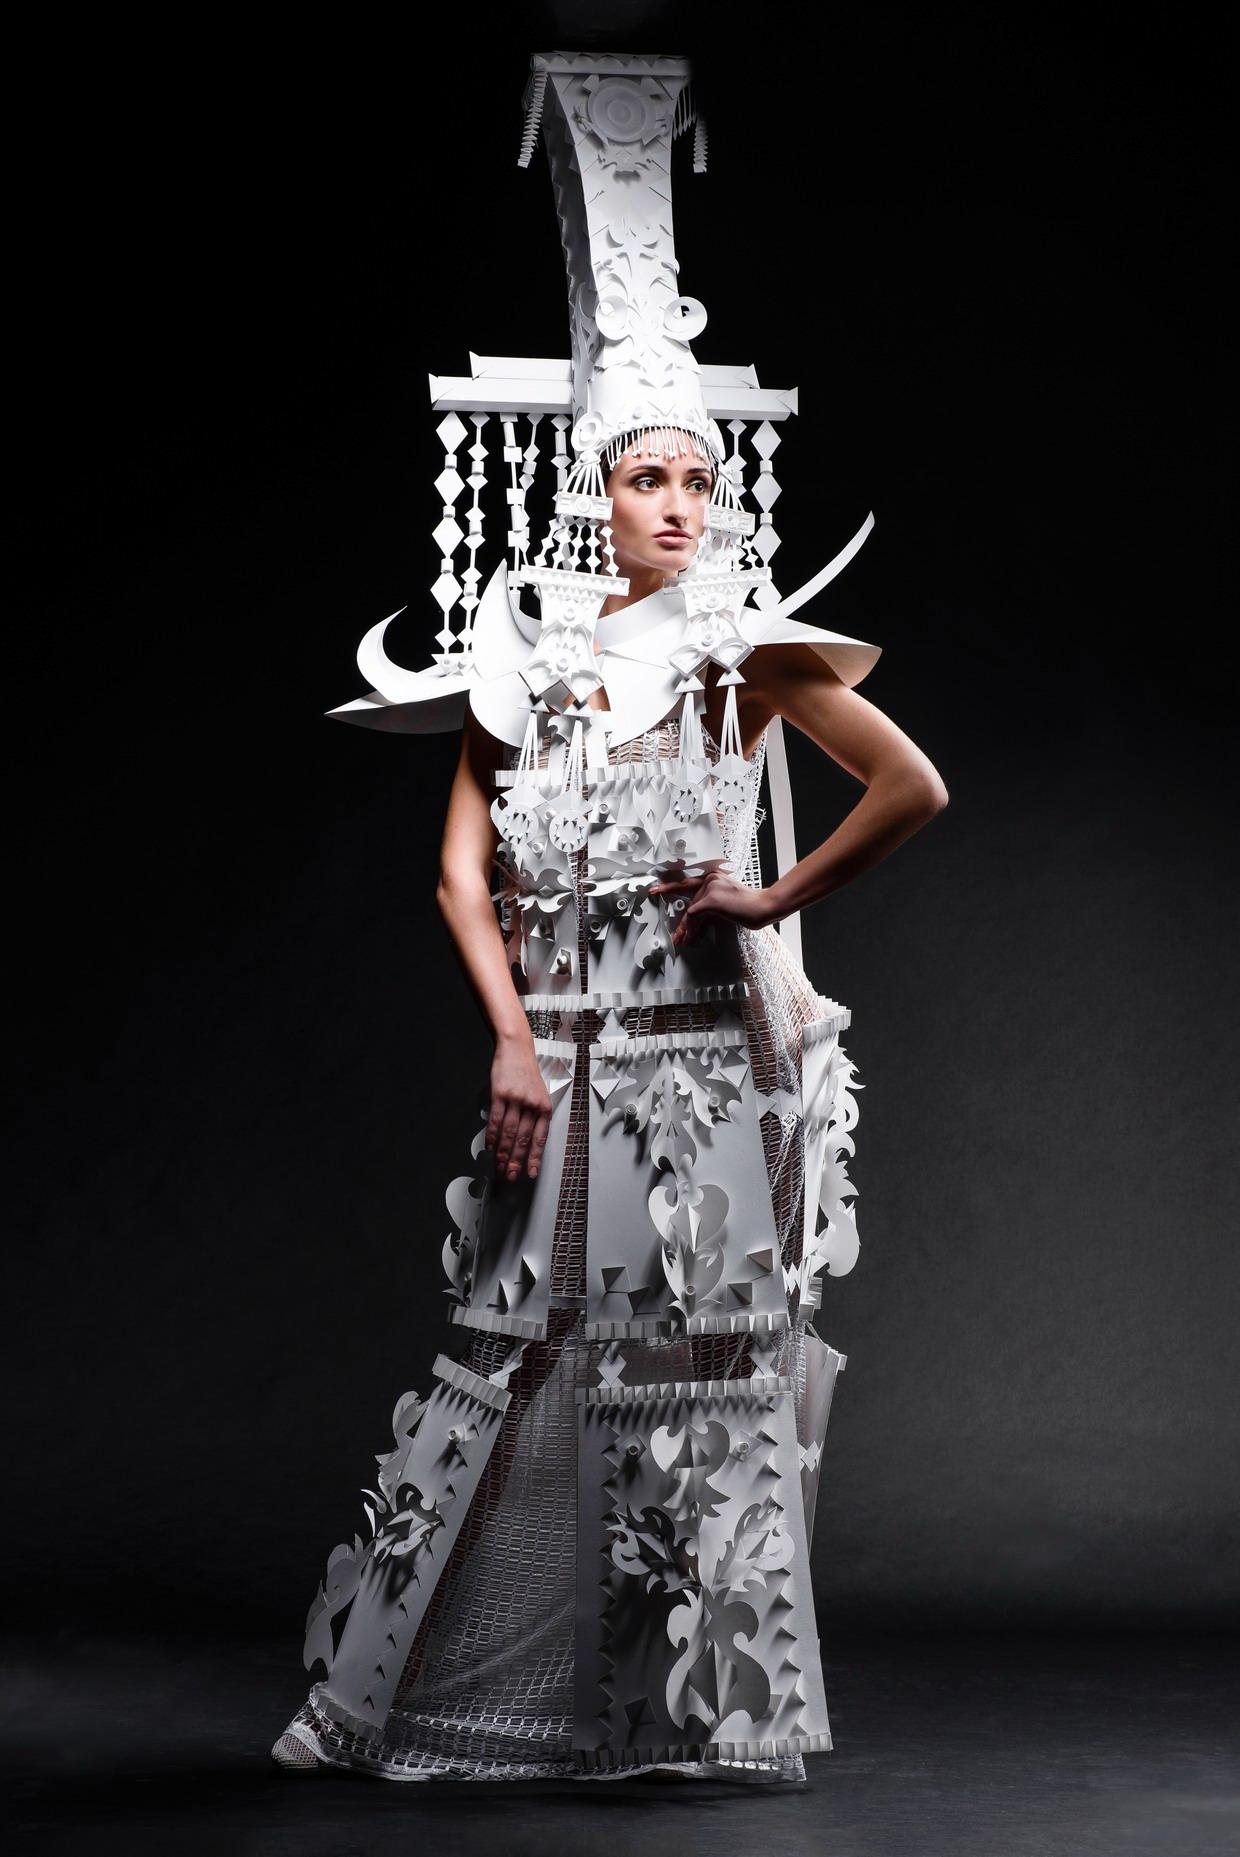 Из серии «Монгольские костюмы» - ПоЗиТиФфЧиК - сайт позитивного настроения!